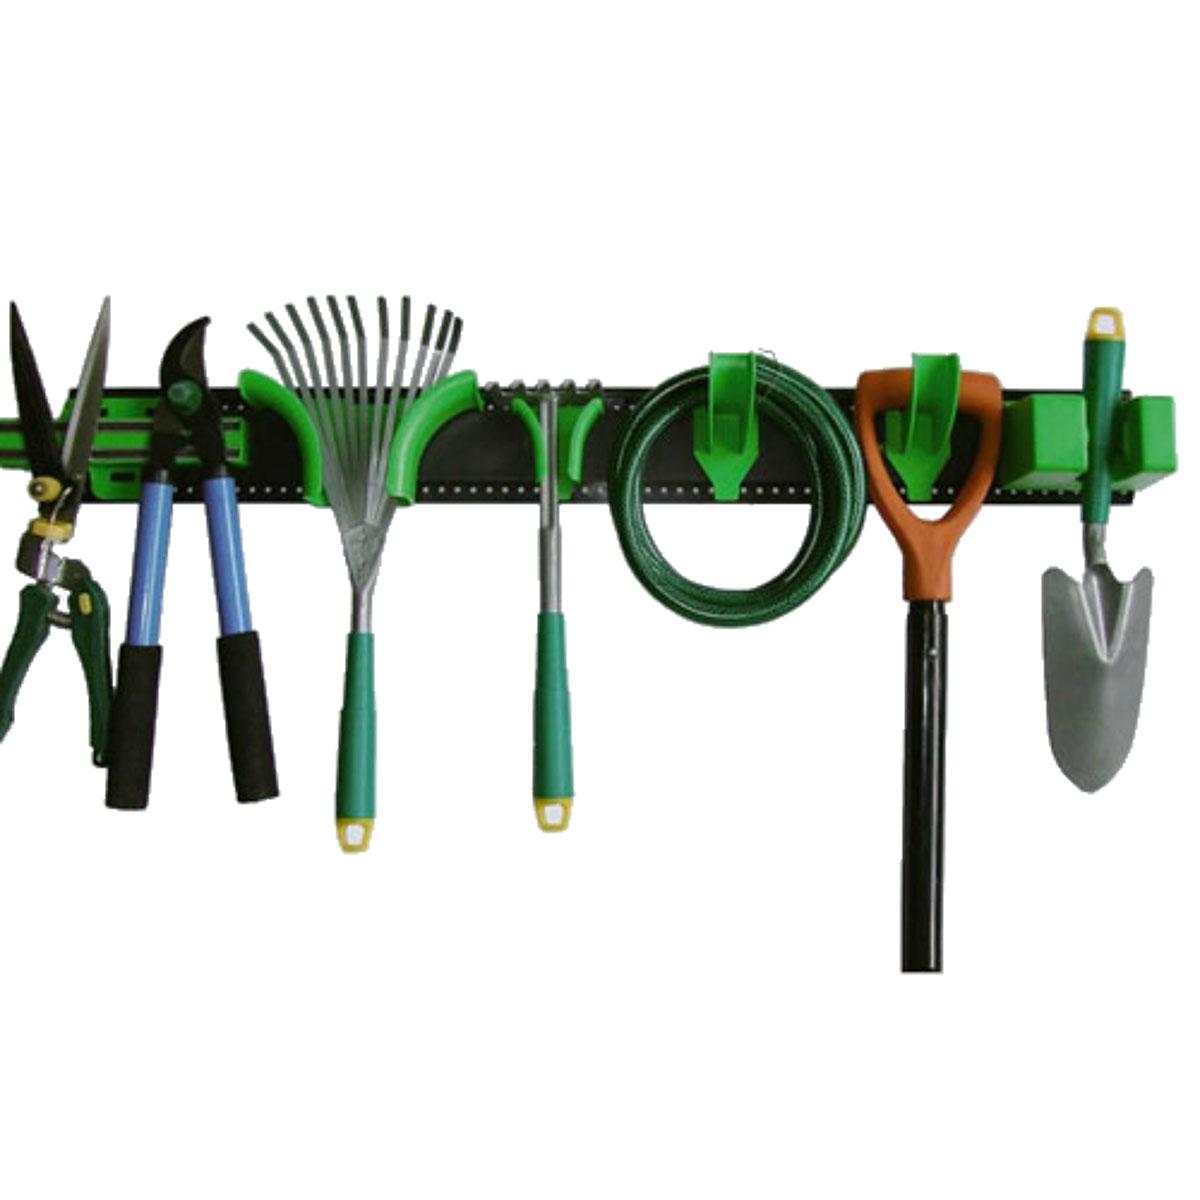 Панель для садового инструмента